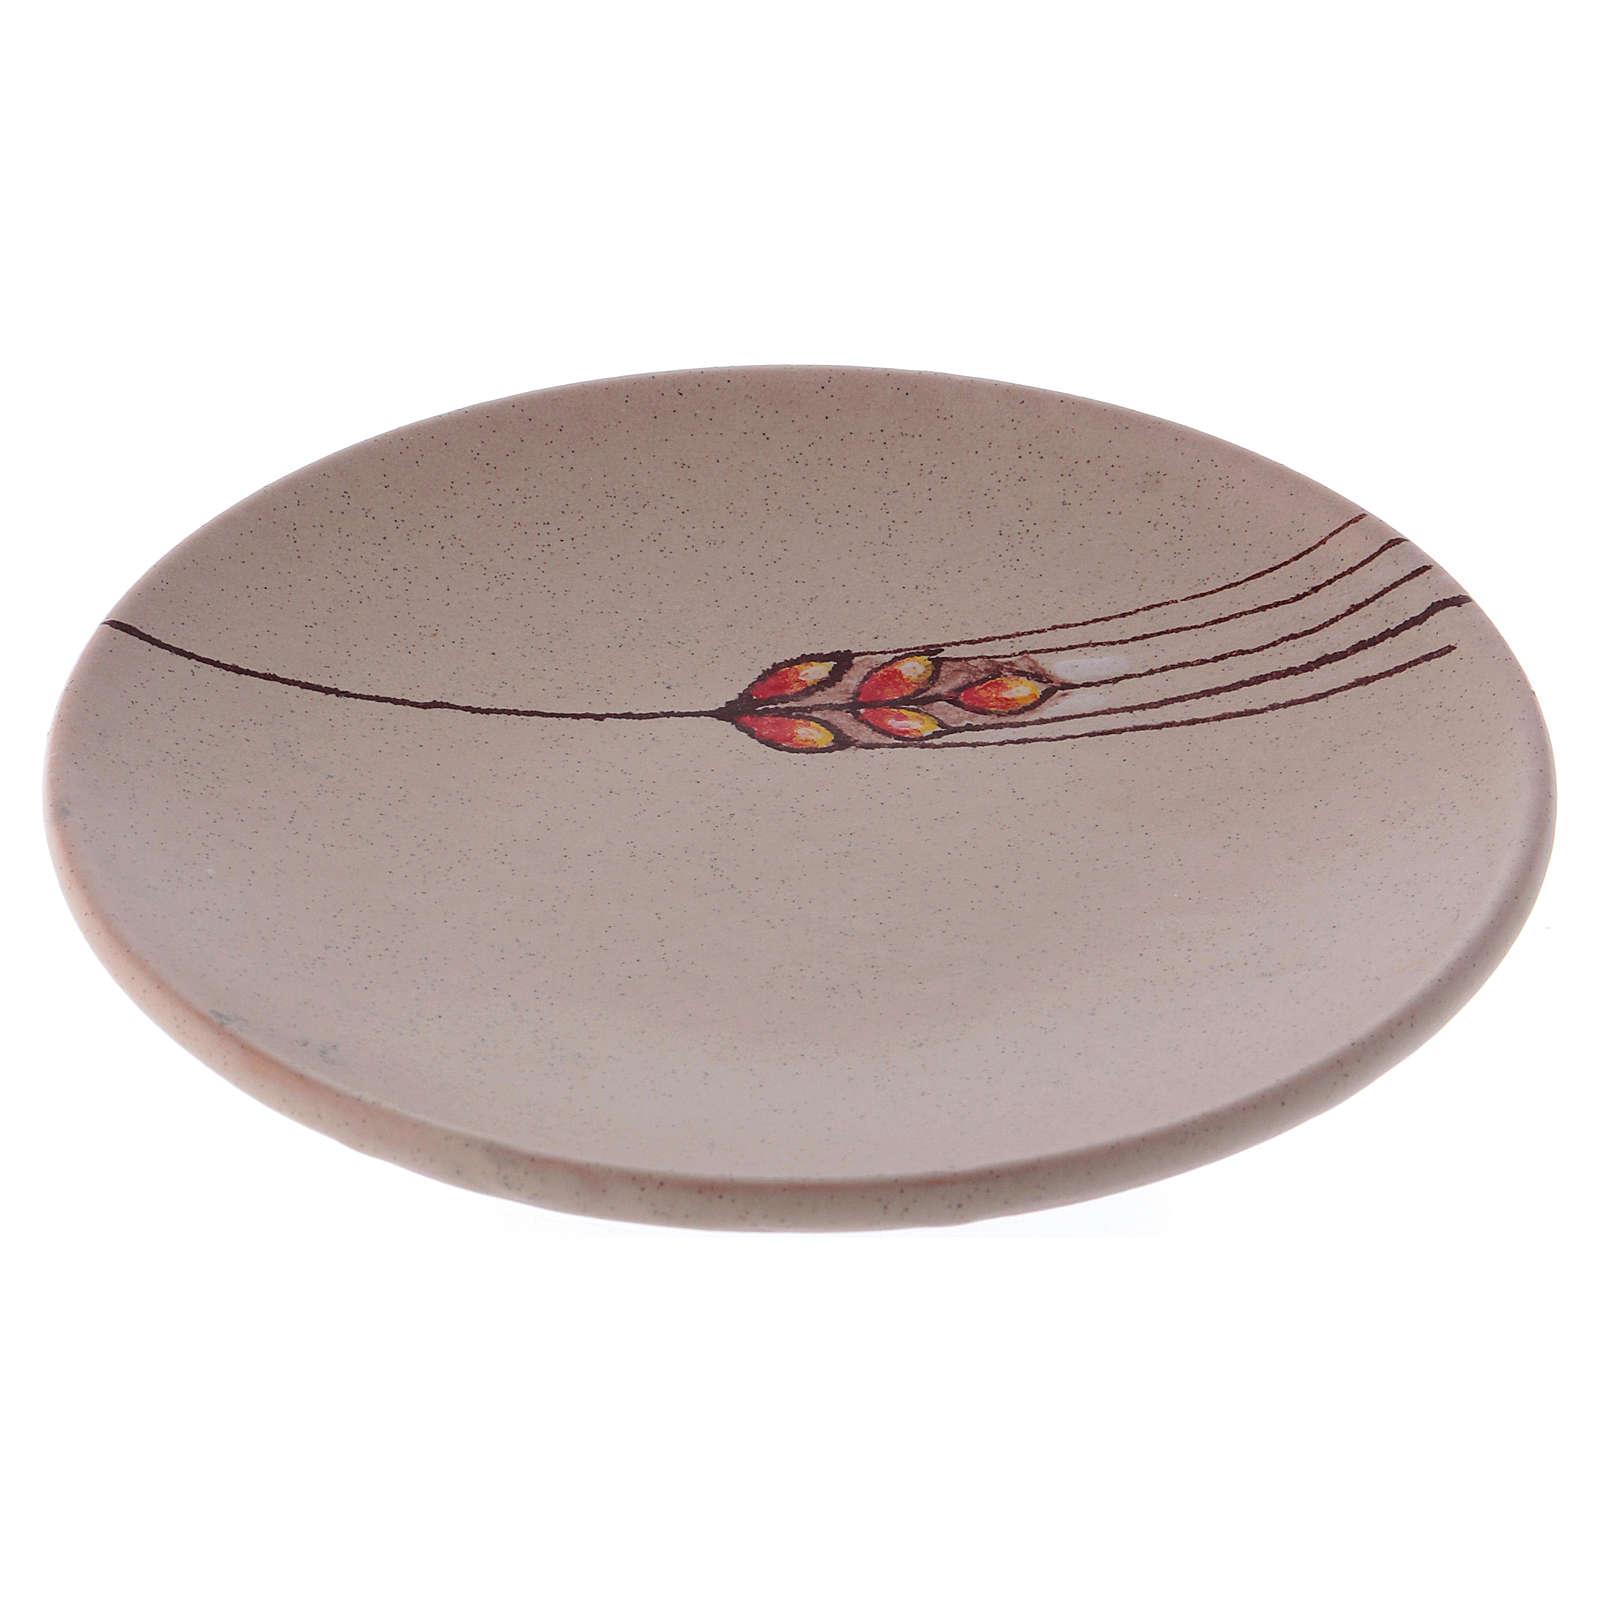 Prato para cobrir cálice cerâmica bege 4